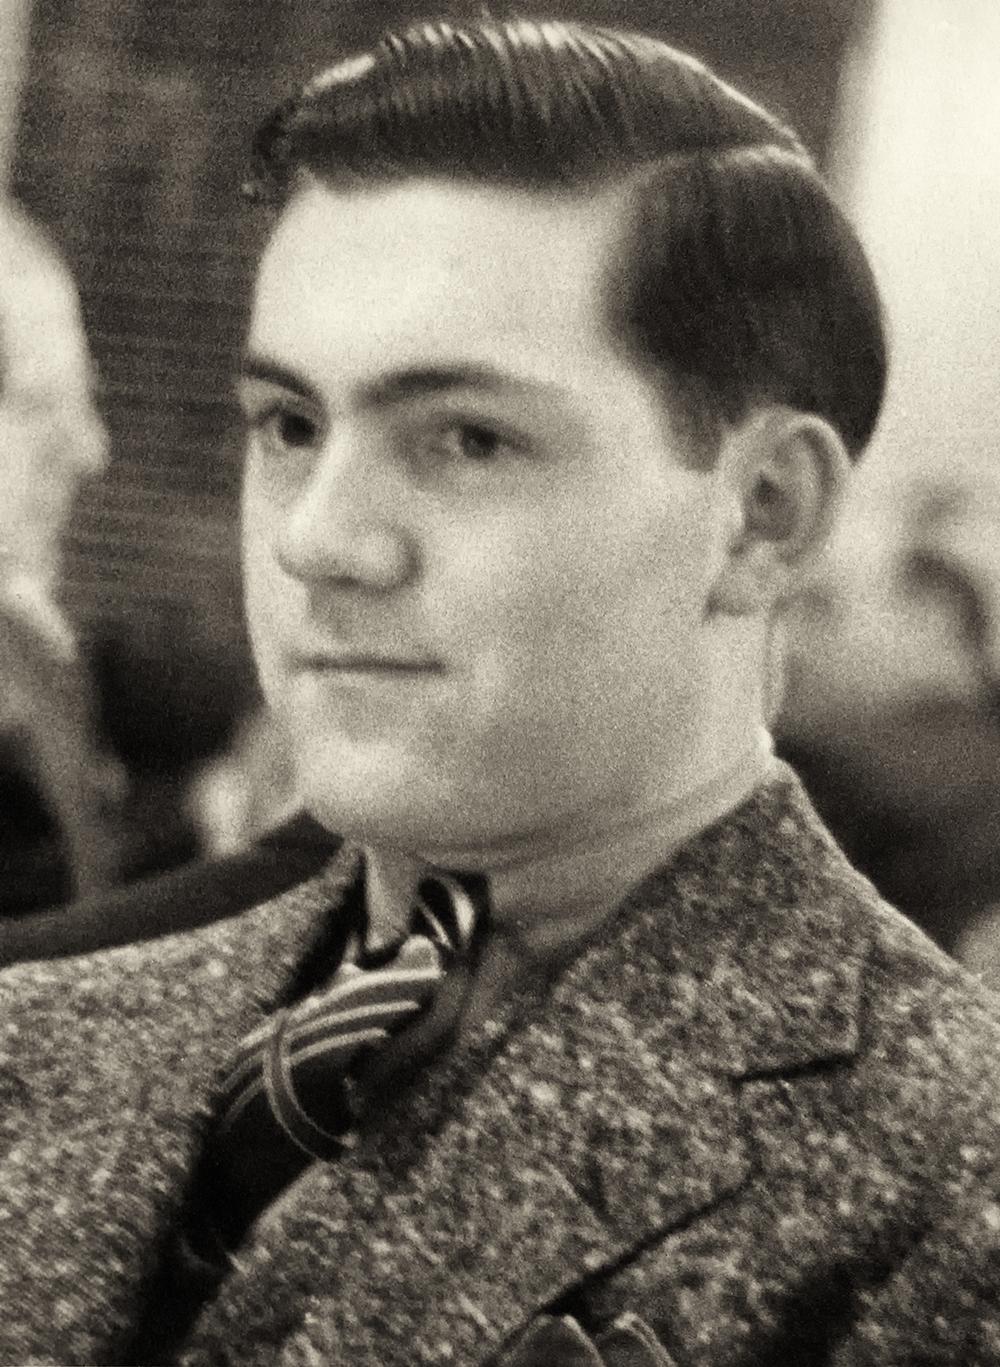 Melvin Solomon Adalman